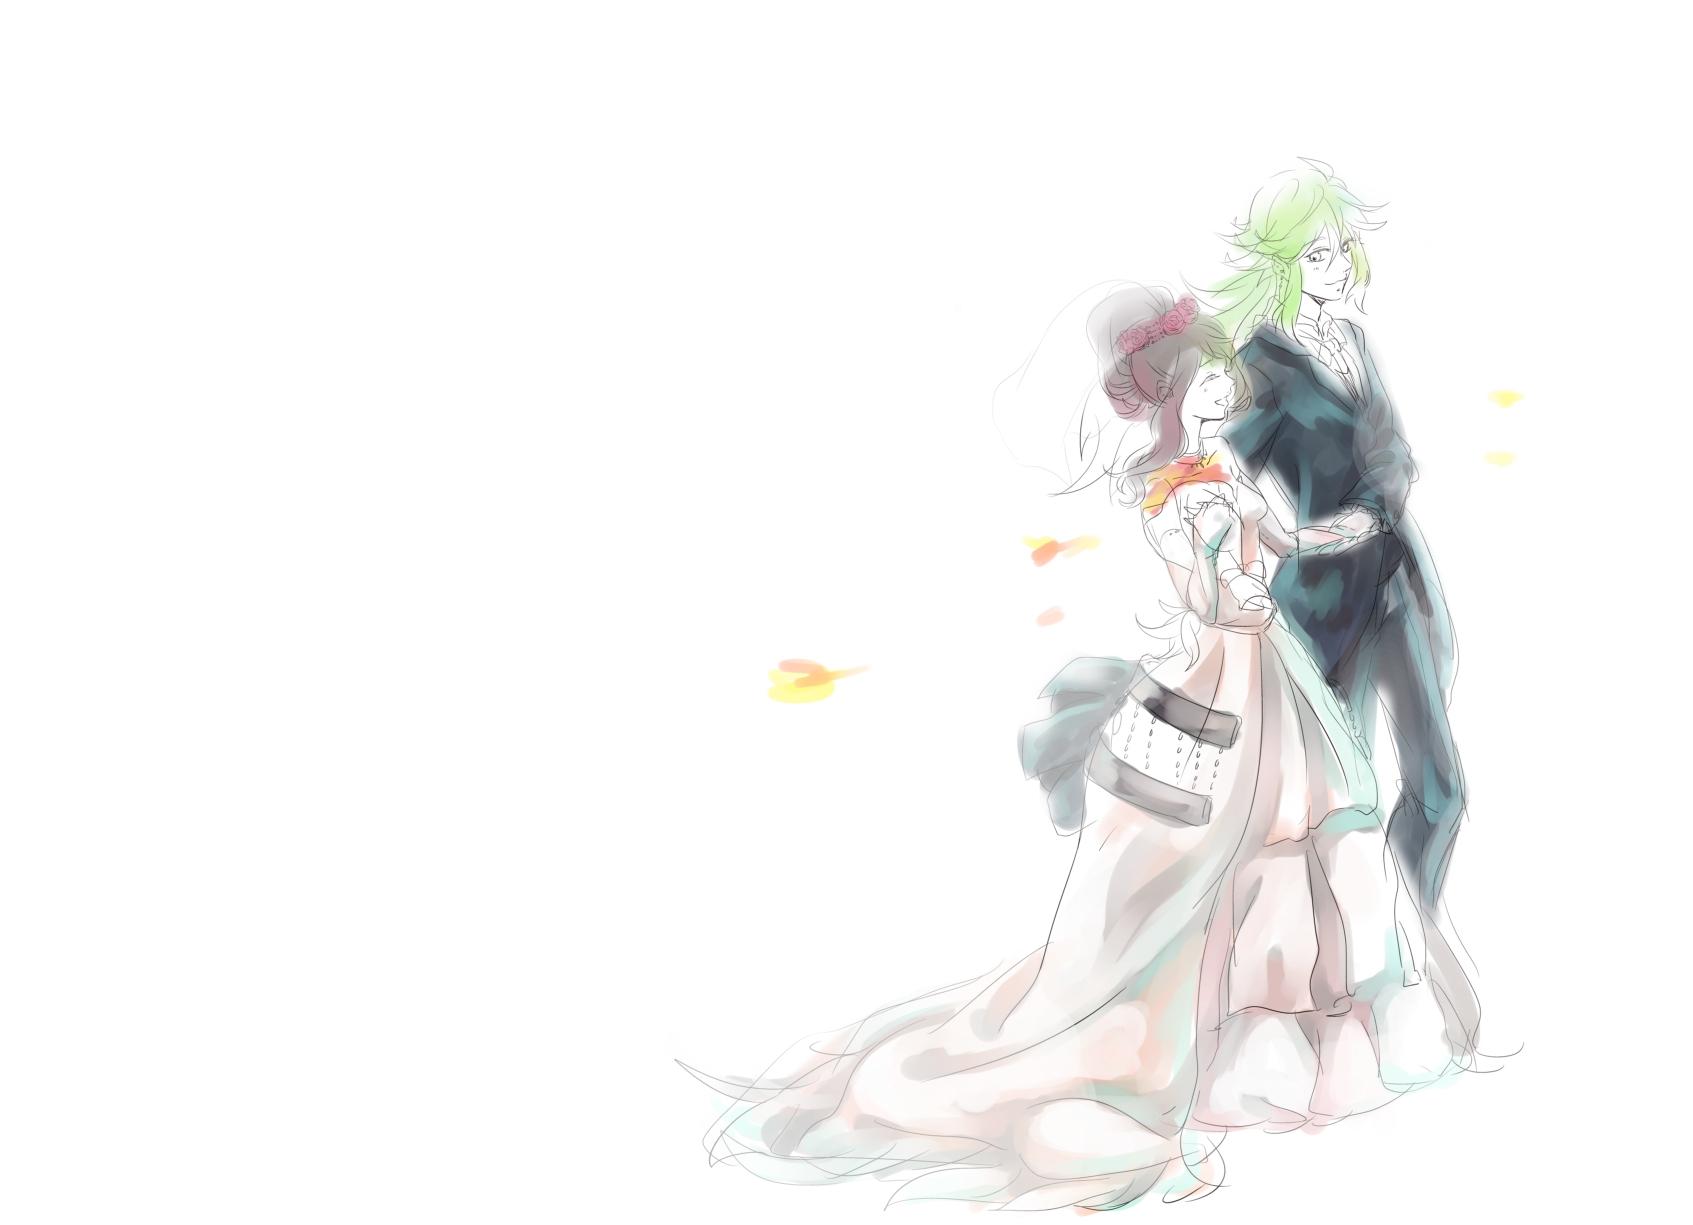 N and touko wedding - Tags anime pok mon n pok mon touko pok mon